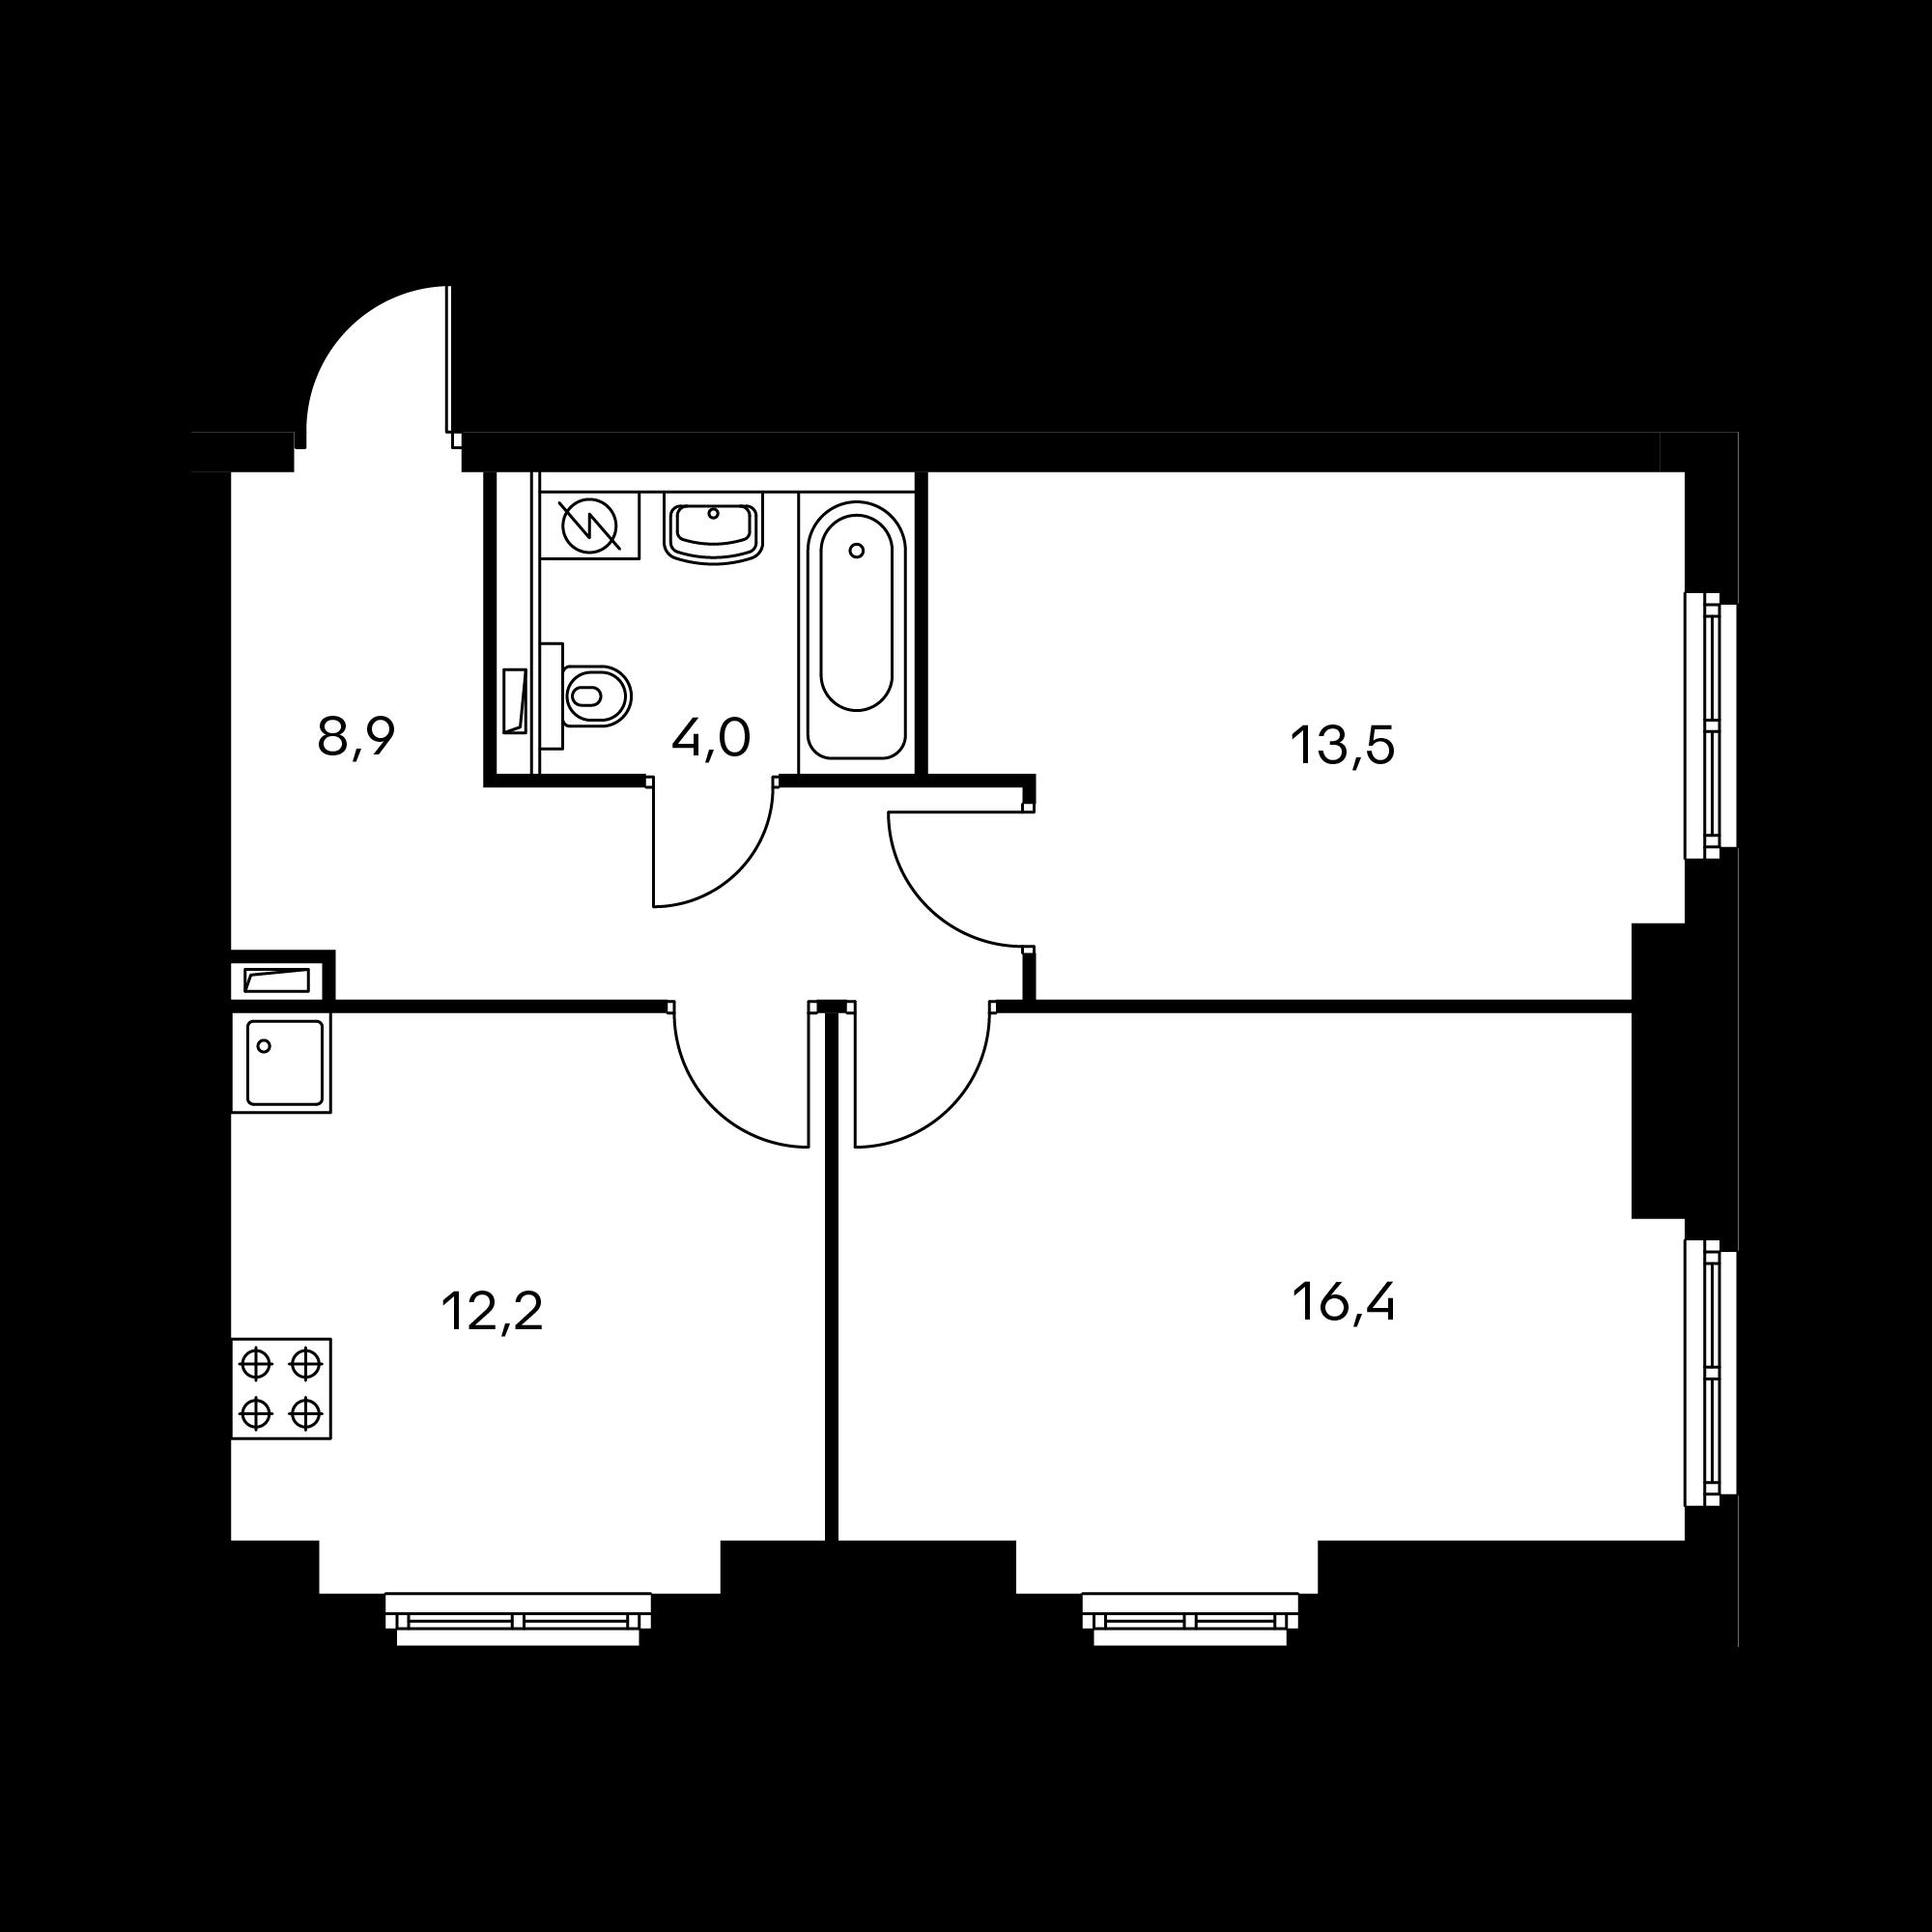 2KM1_6.9-1SA_T